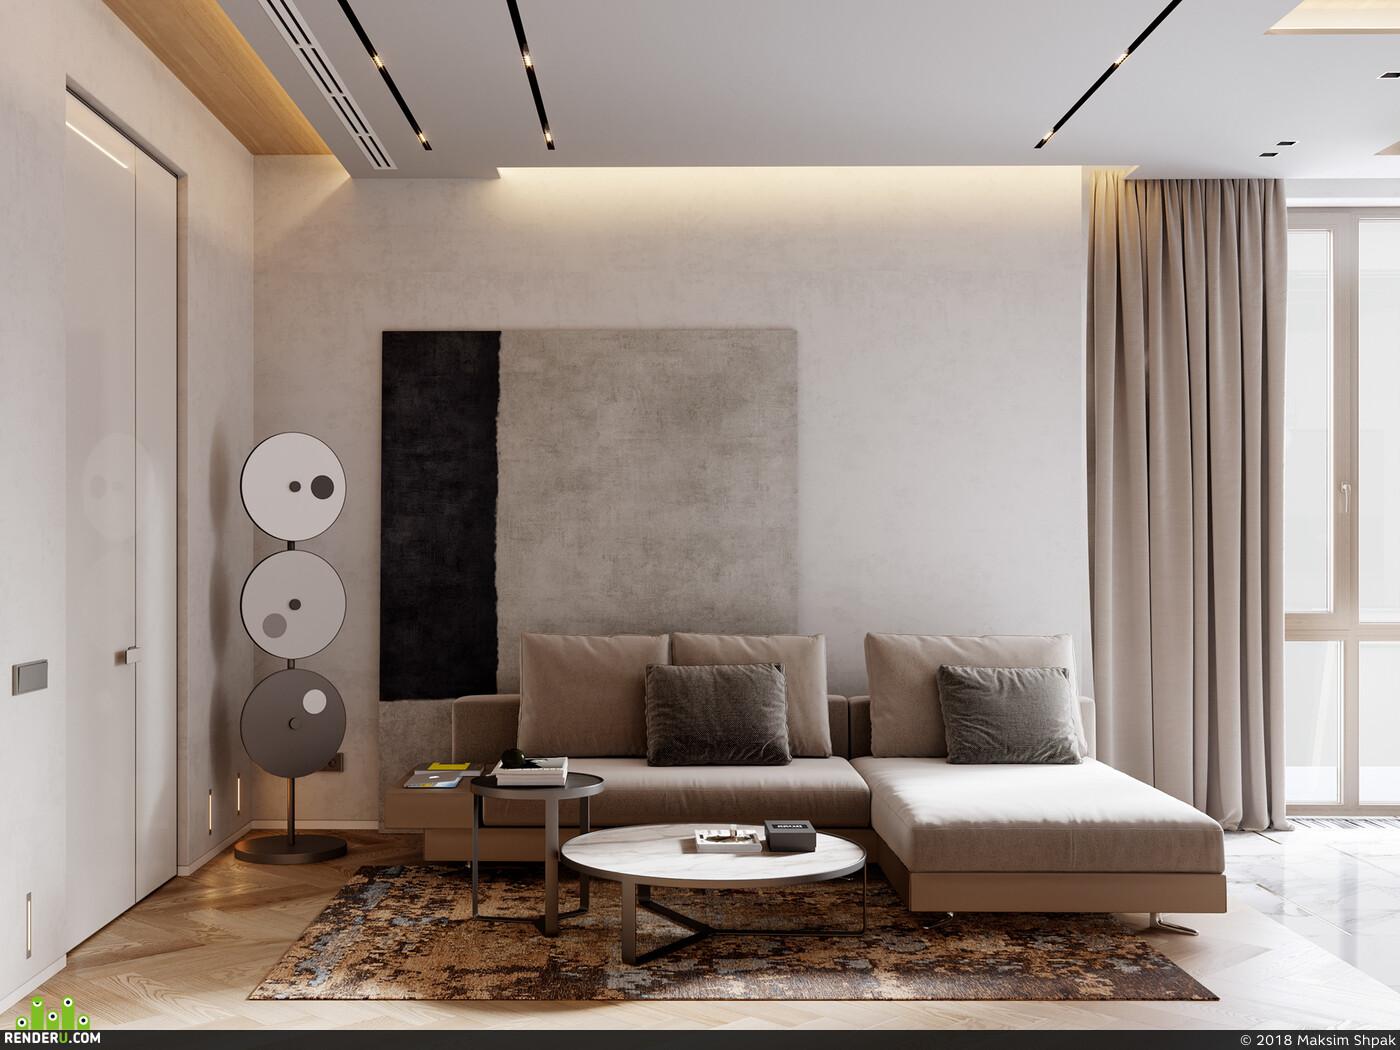 апартаменты, дизайн интерьера, визуализация, vizlinestudio, архитектурная визуализация